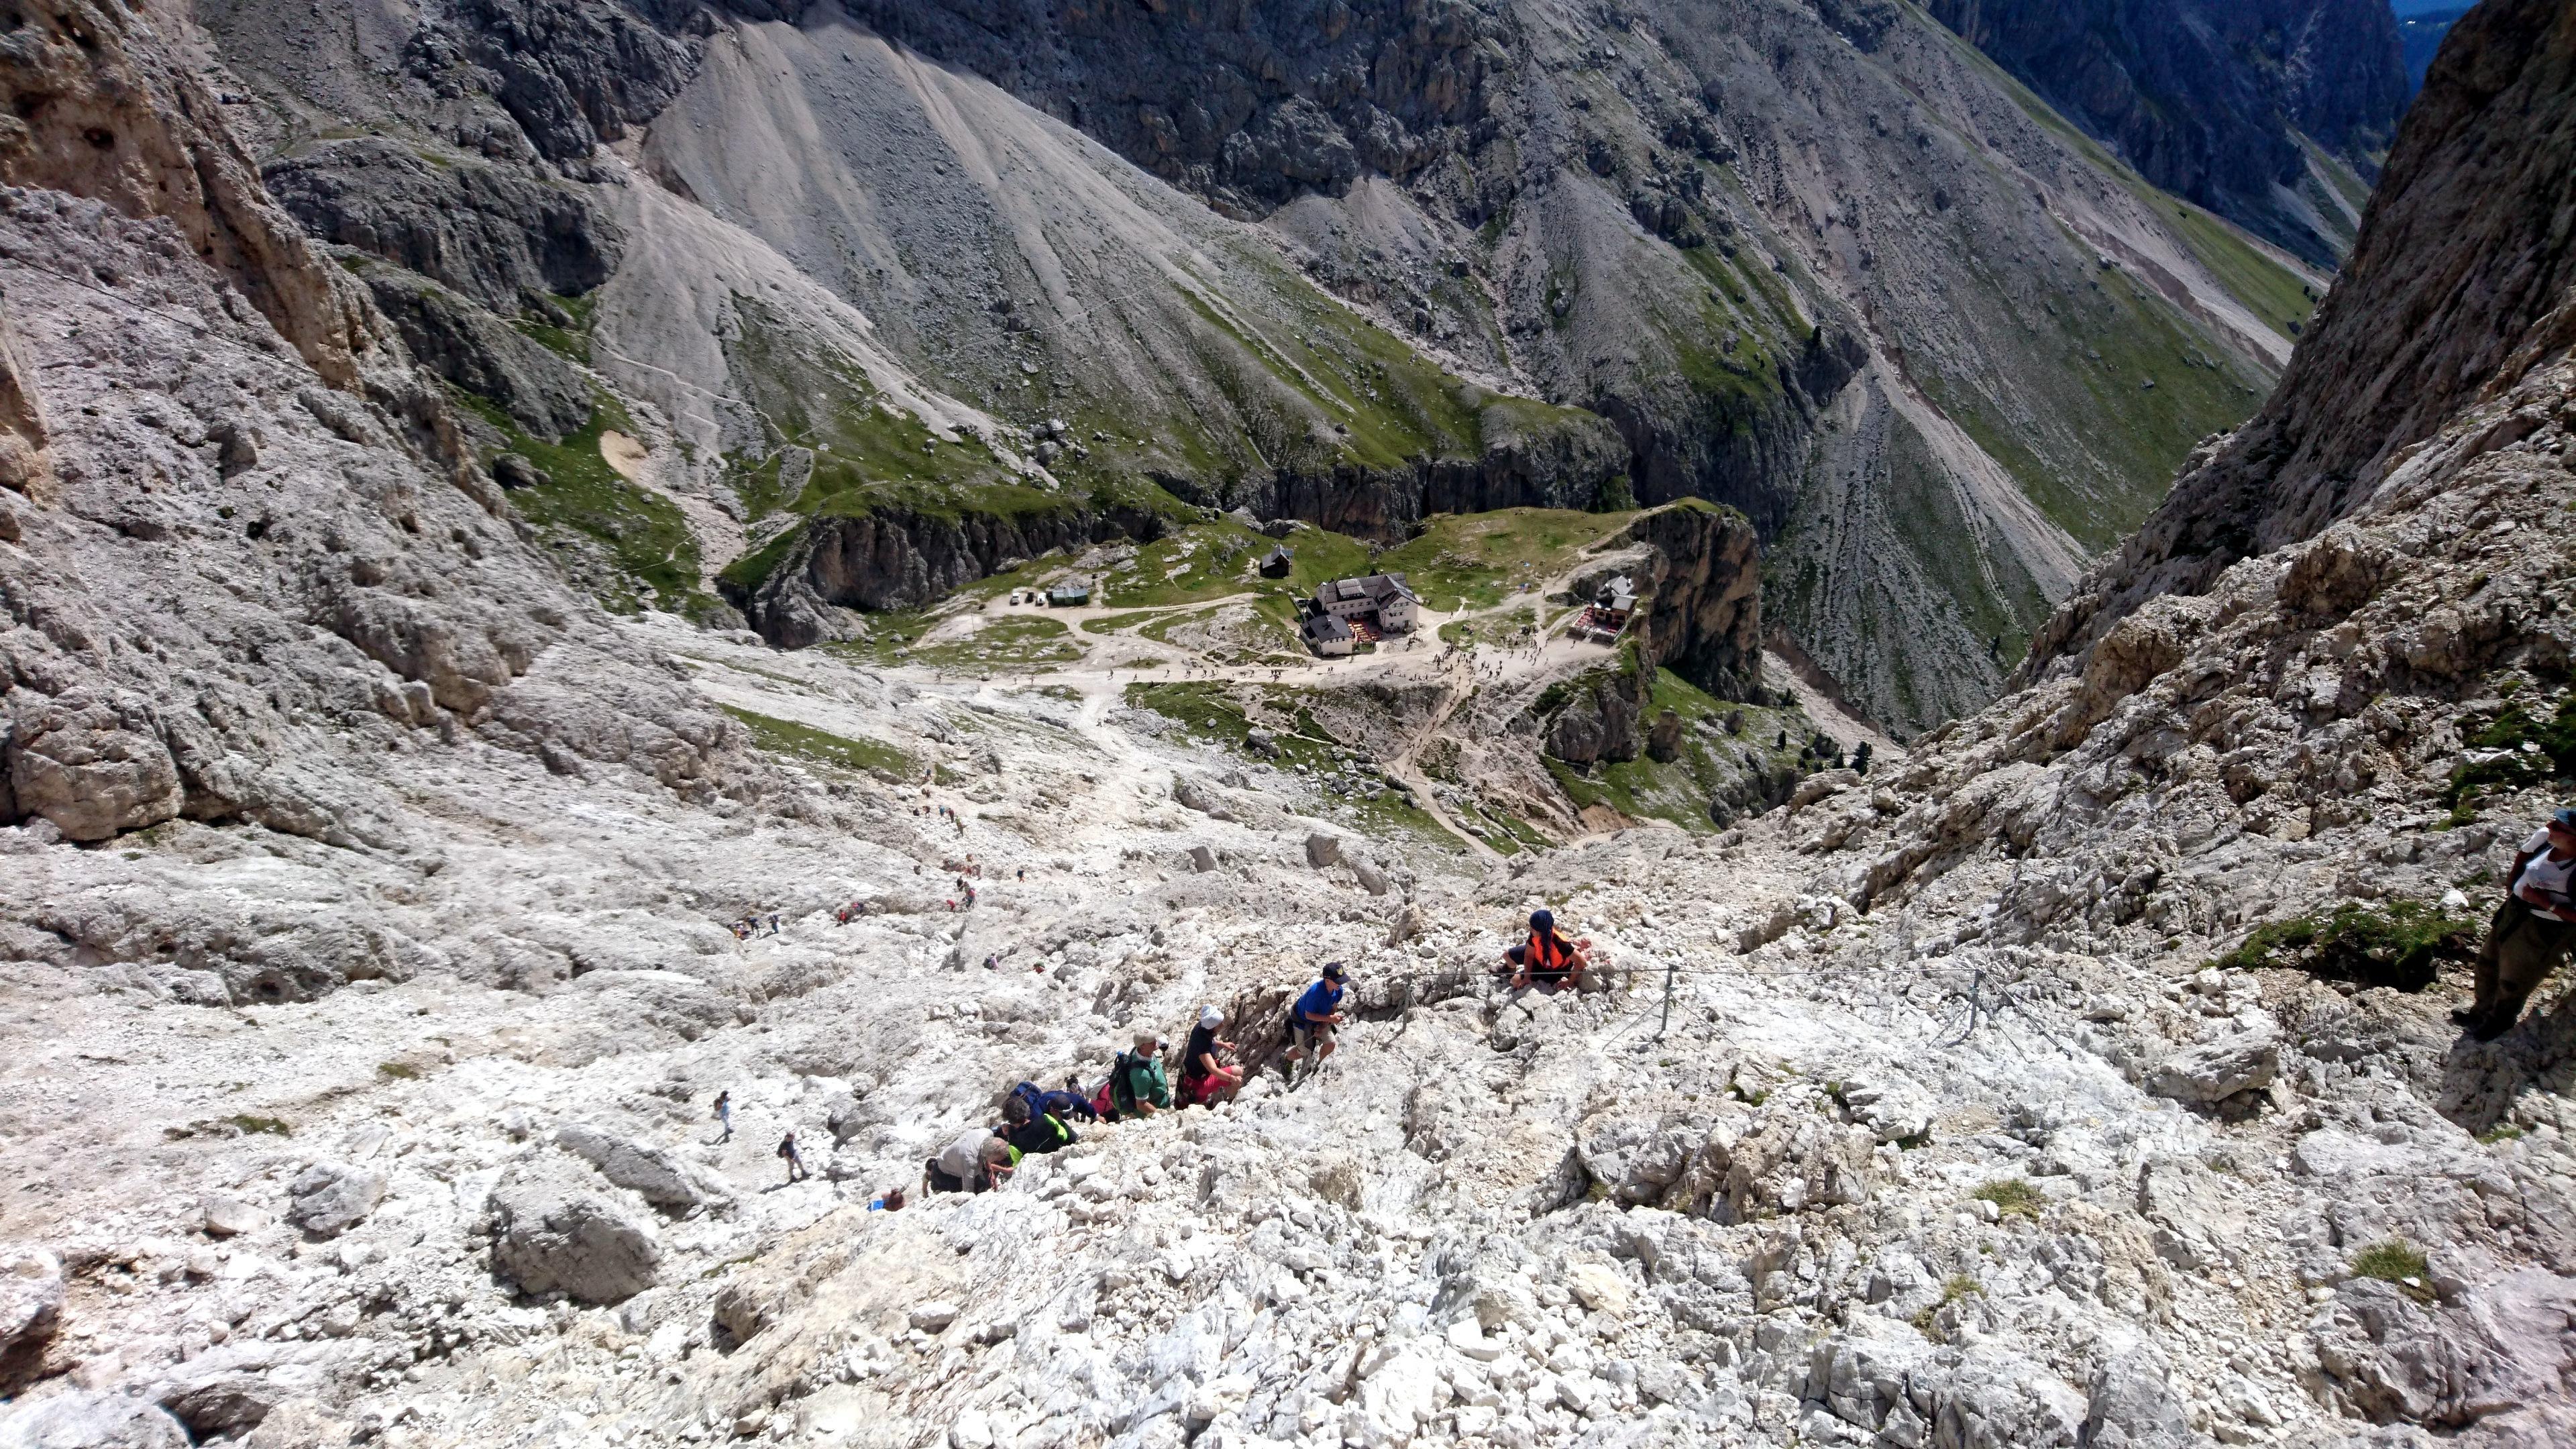 Il sentiero roccioso e sfasciumoso che collega il rifugio Vajolet col rifugio Re Alberto I